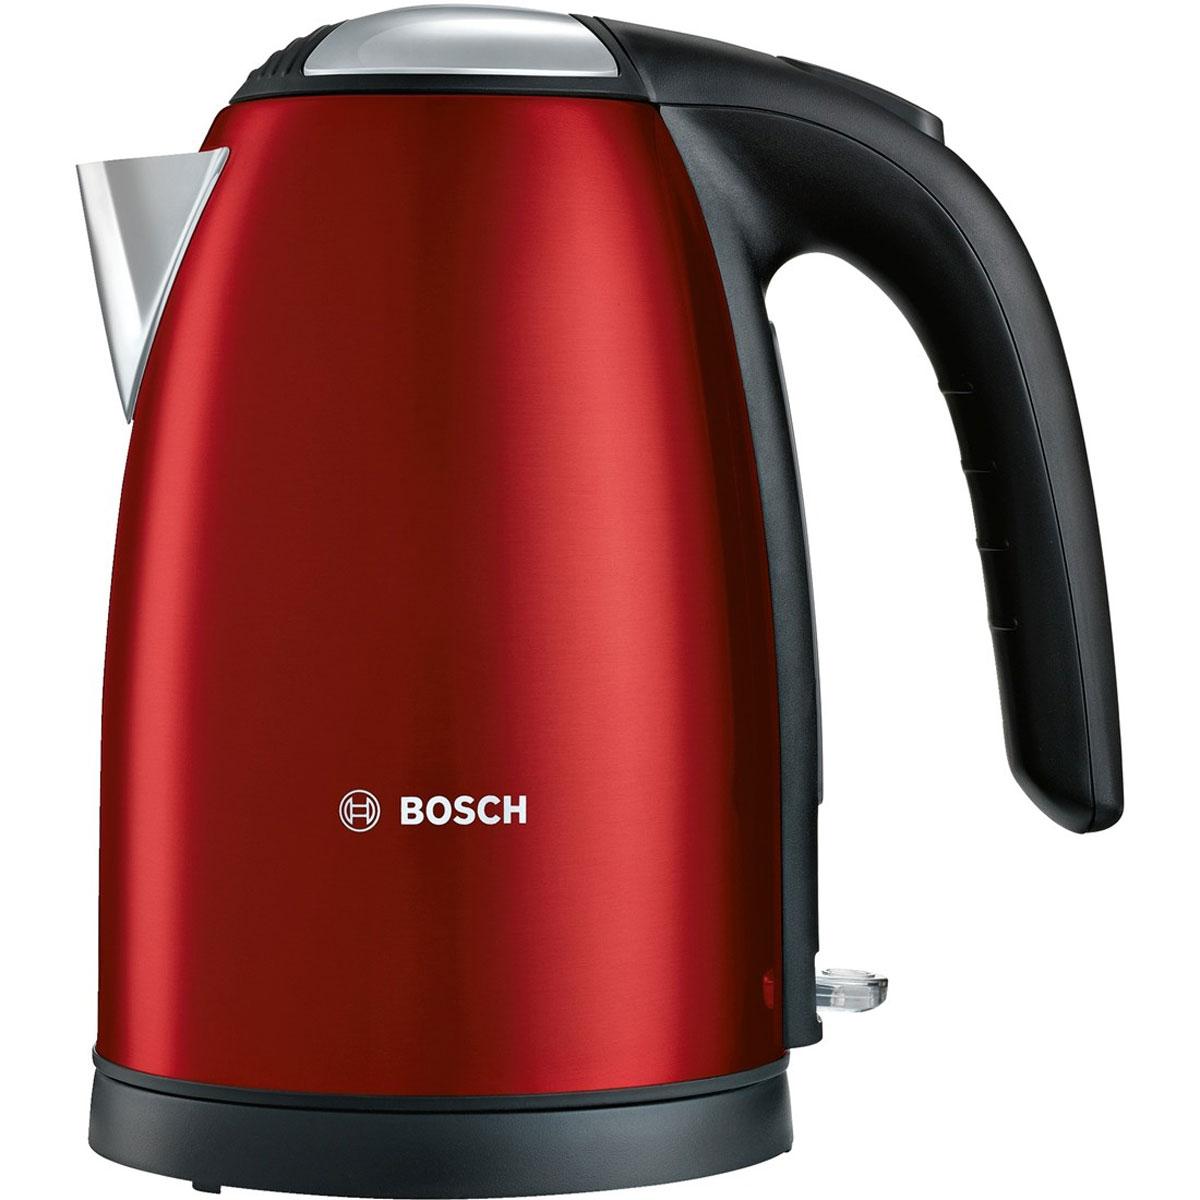 Bosch TWK 7804, Red чайникTWK 7804Bosch TWK 7804 - компактный и надежный электрический чайник со скрытым нагревательным элементом из нержавеющей стали. Прибор оснащен съемным фильтром от накипи, что позволяет существенно продлить срок его использования. Цоколь с поворотом на 360° имеет центральный контакт. Также удобство в использовании обеспечивают функция автовыключения и защита от перегрева.